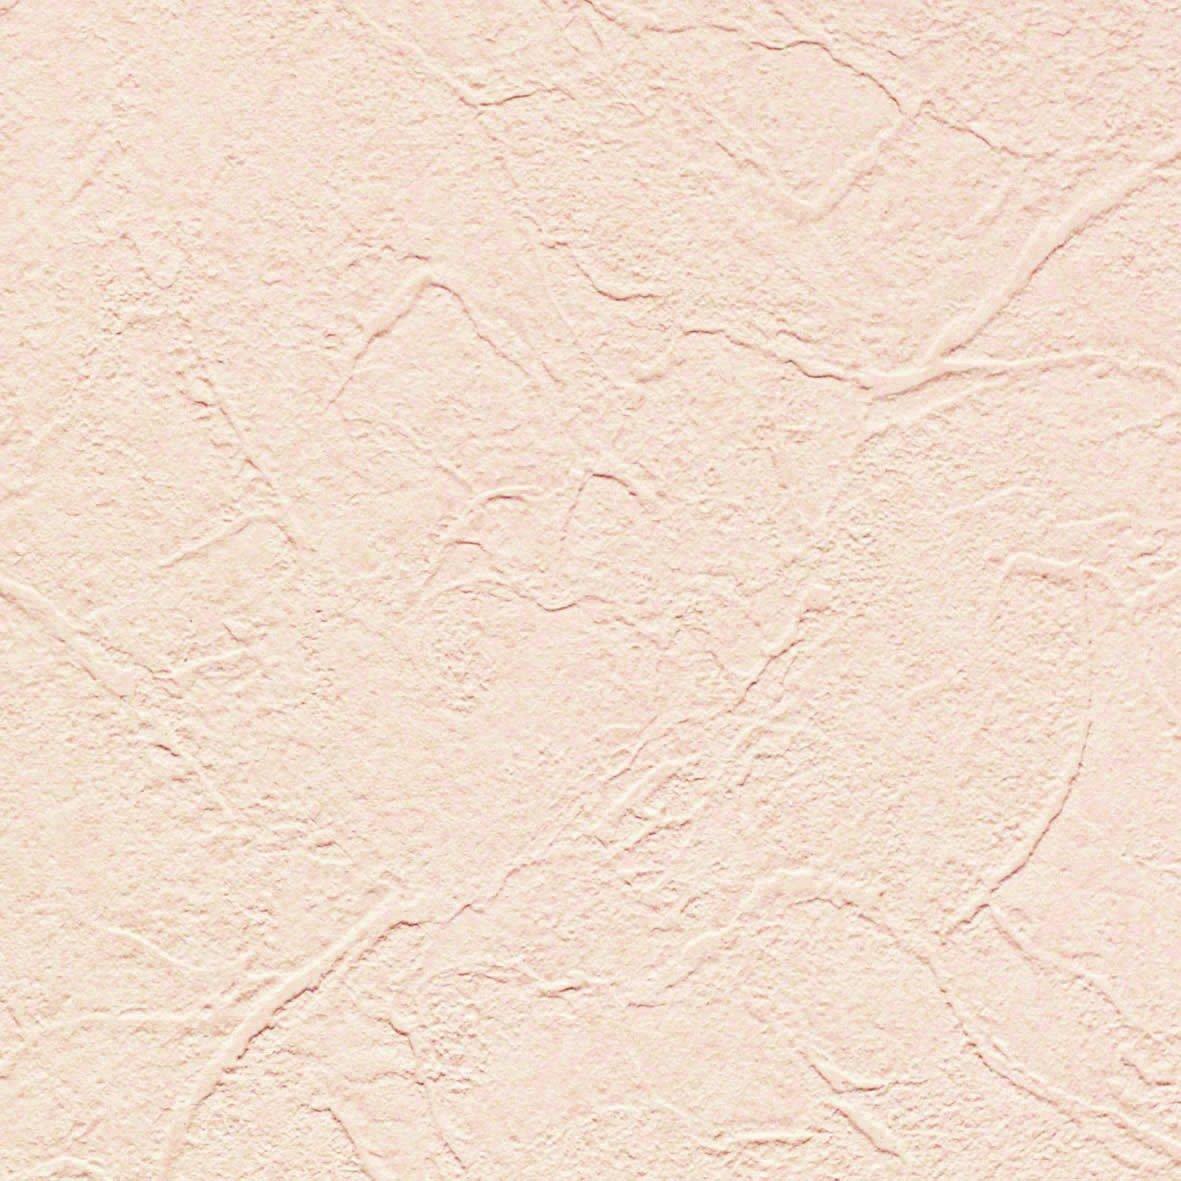 リリカラ 壁紙46m シンフル 石目調 ベージュ LL-8203 B01N8OC30C 46m|ベージュ3